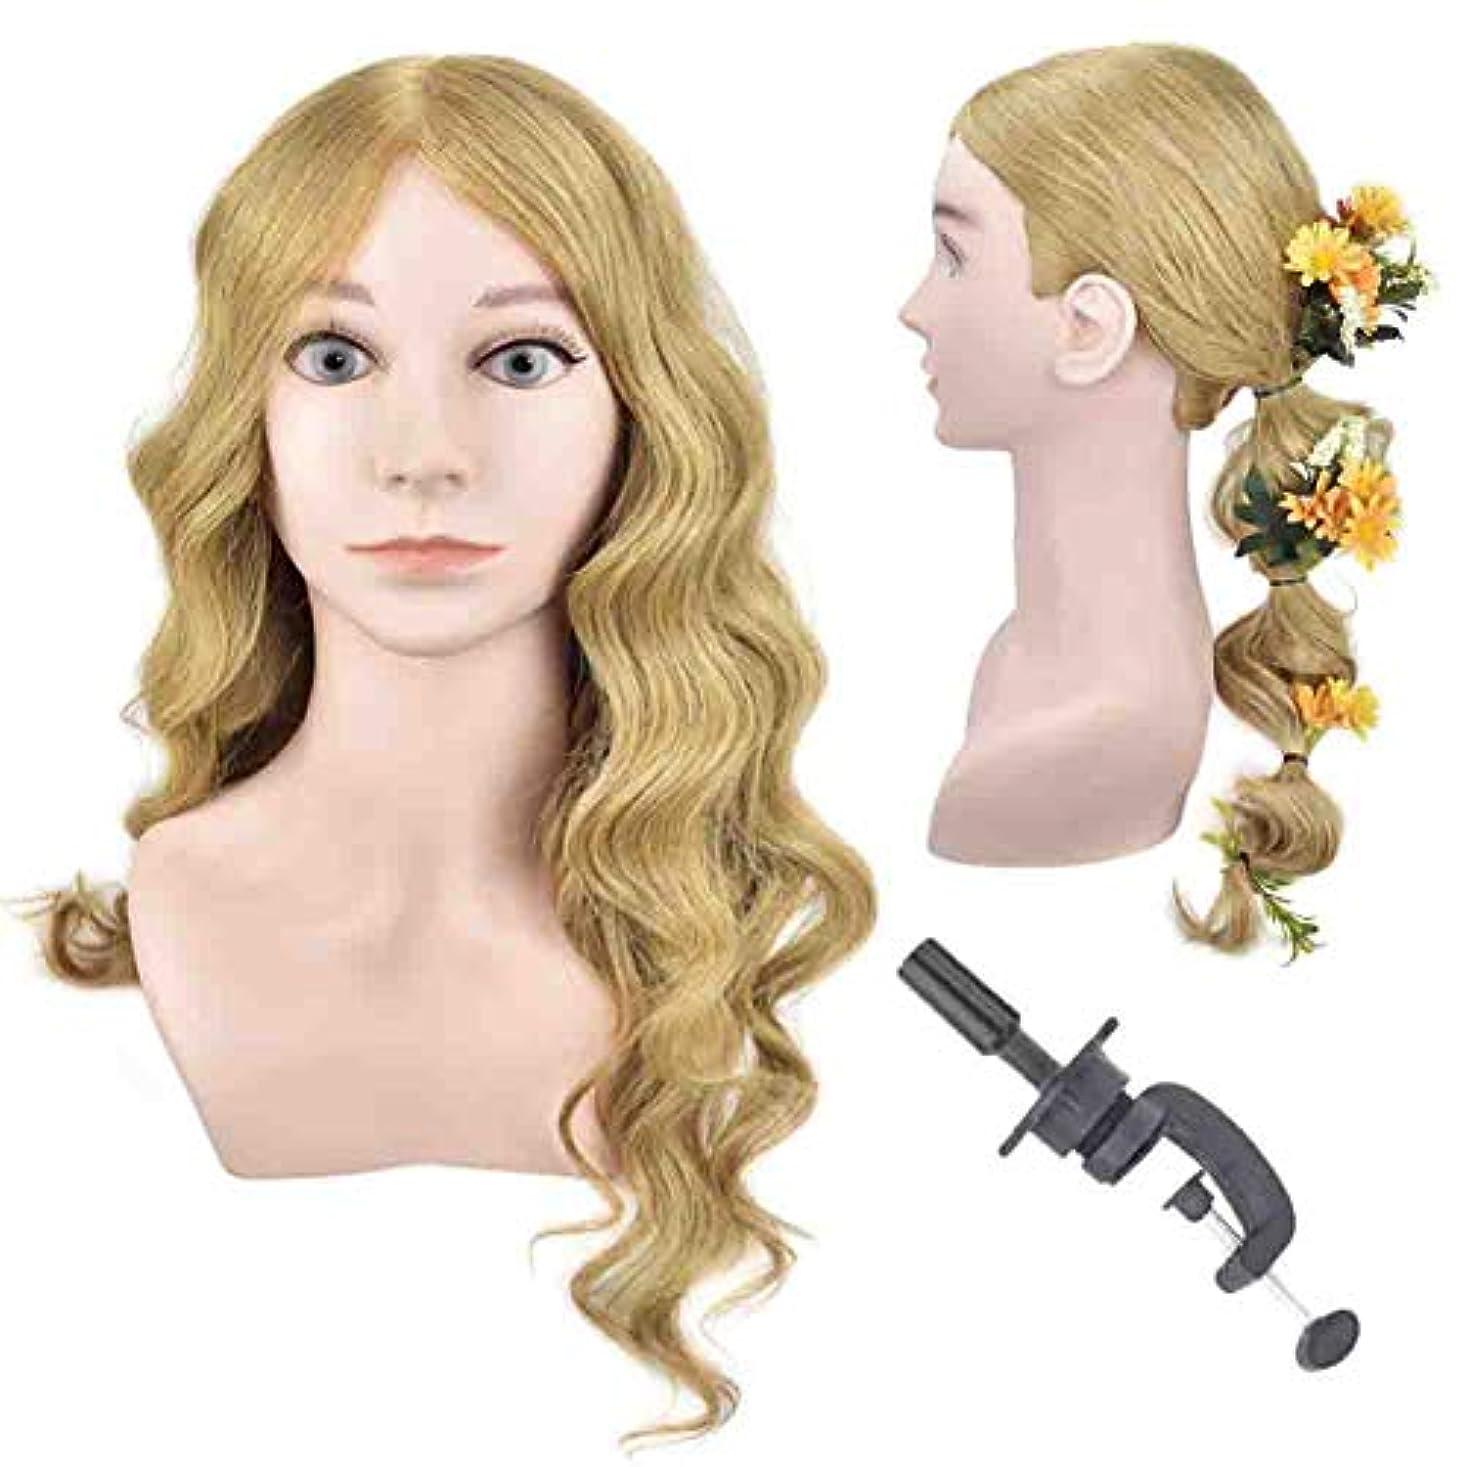 グローリビジョン種編んだ髪のヘッドモデル本物の人間の髪のスタイルの学習モデルヘッドサロンの学習は熱いと染めた髪のダミーの頭にすることができます